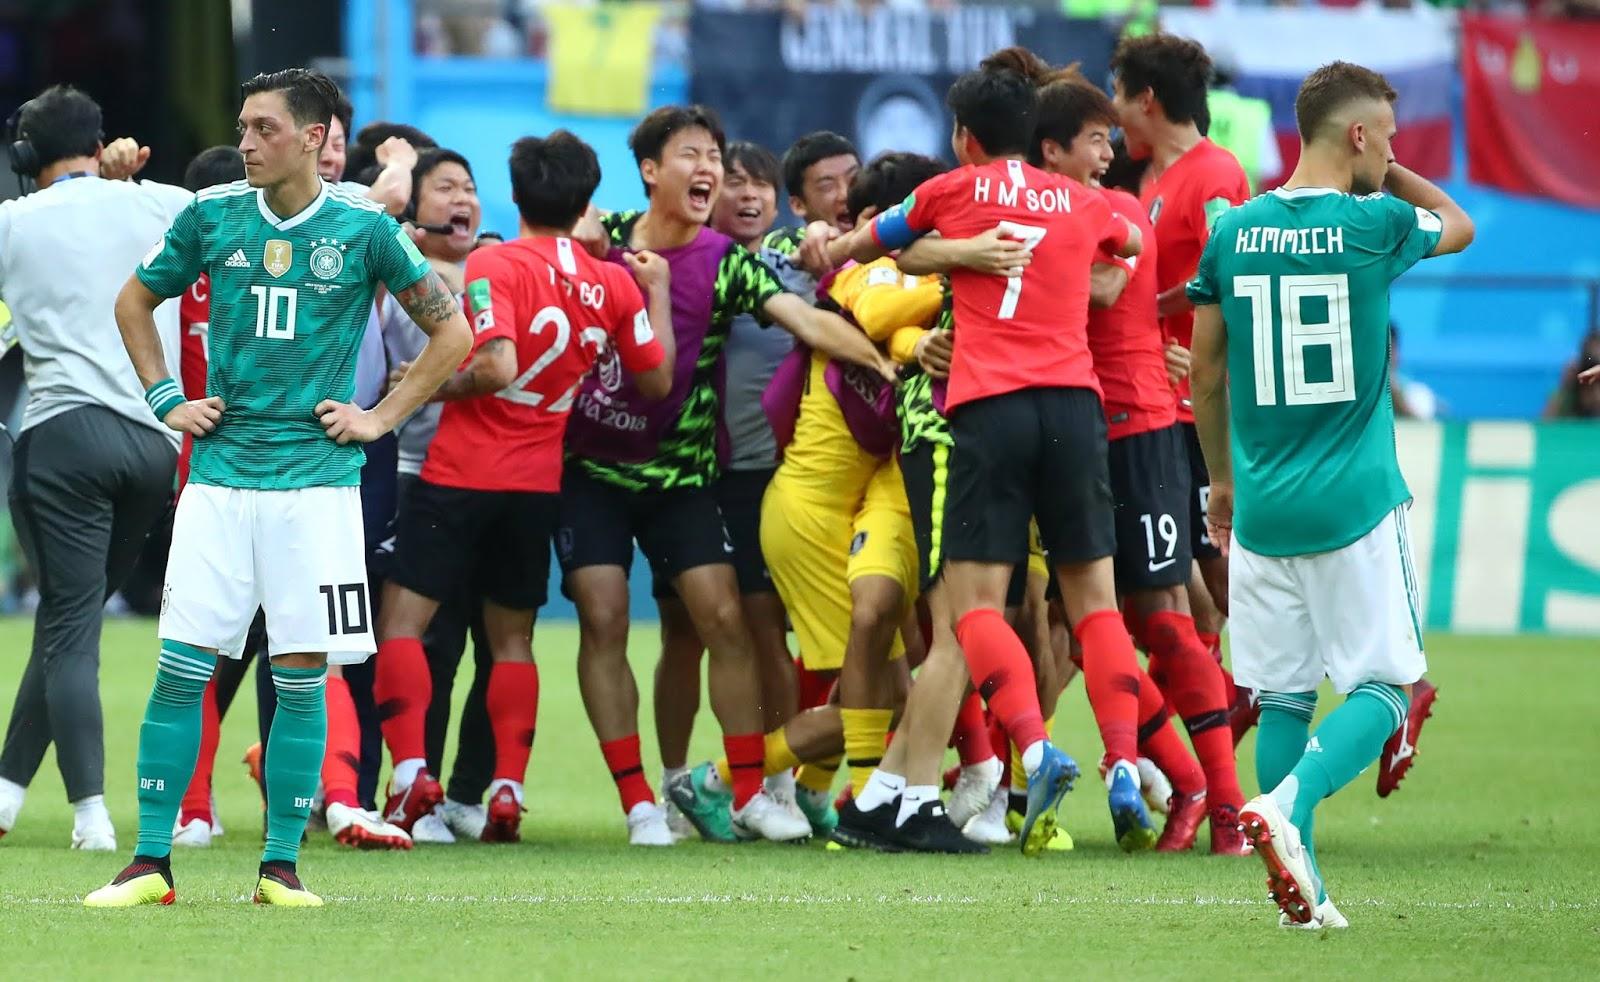 K League Coach World Cup Analysis: South Korea 2-0 Germany